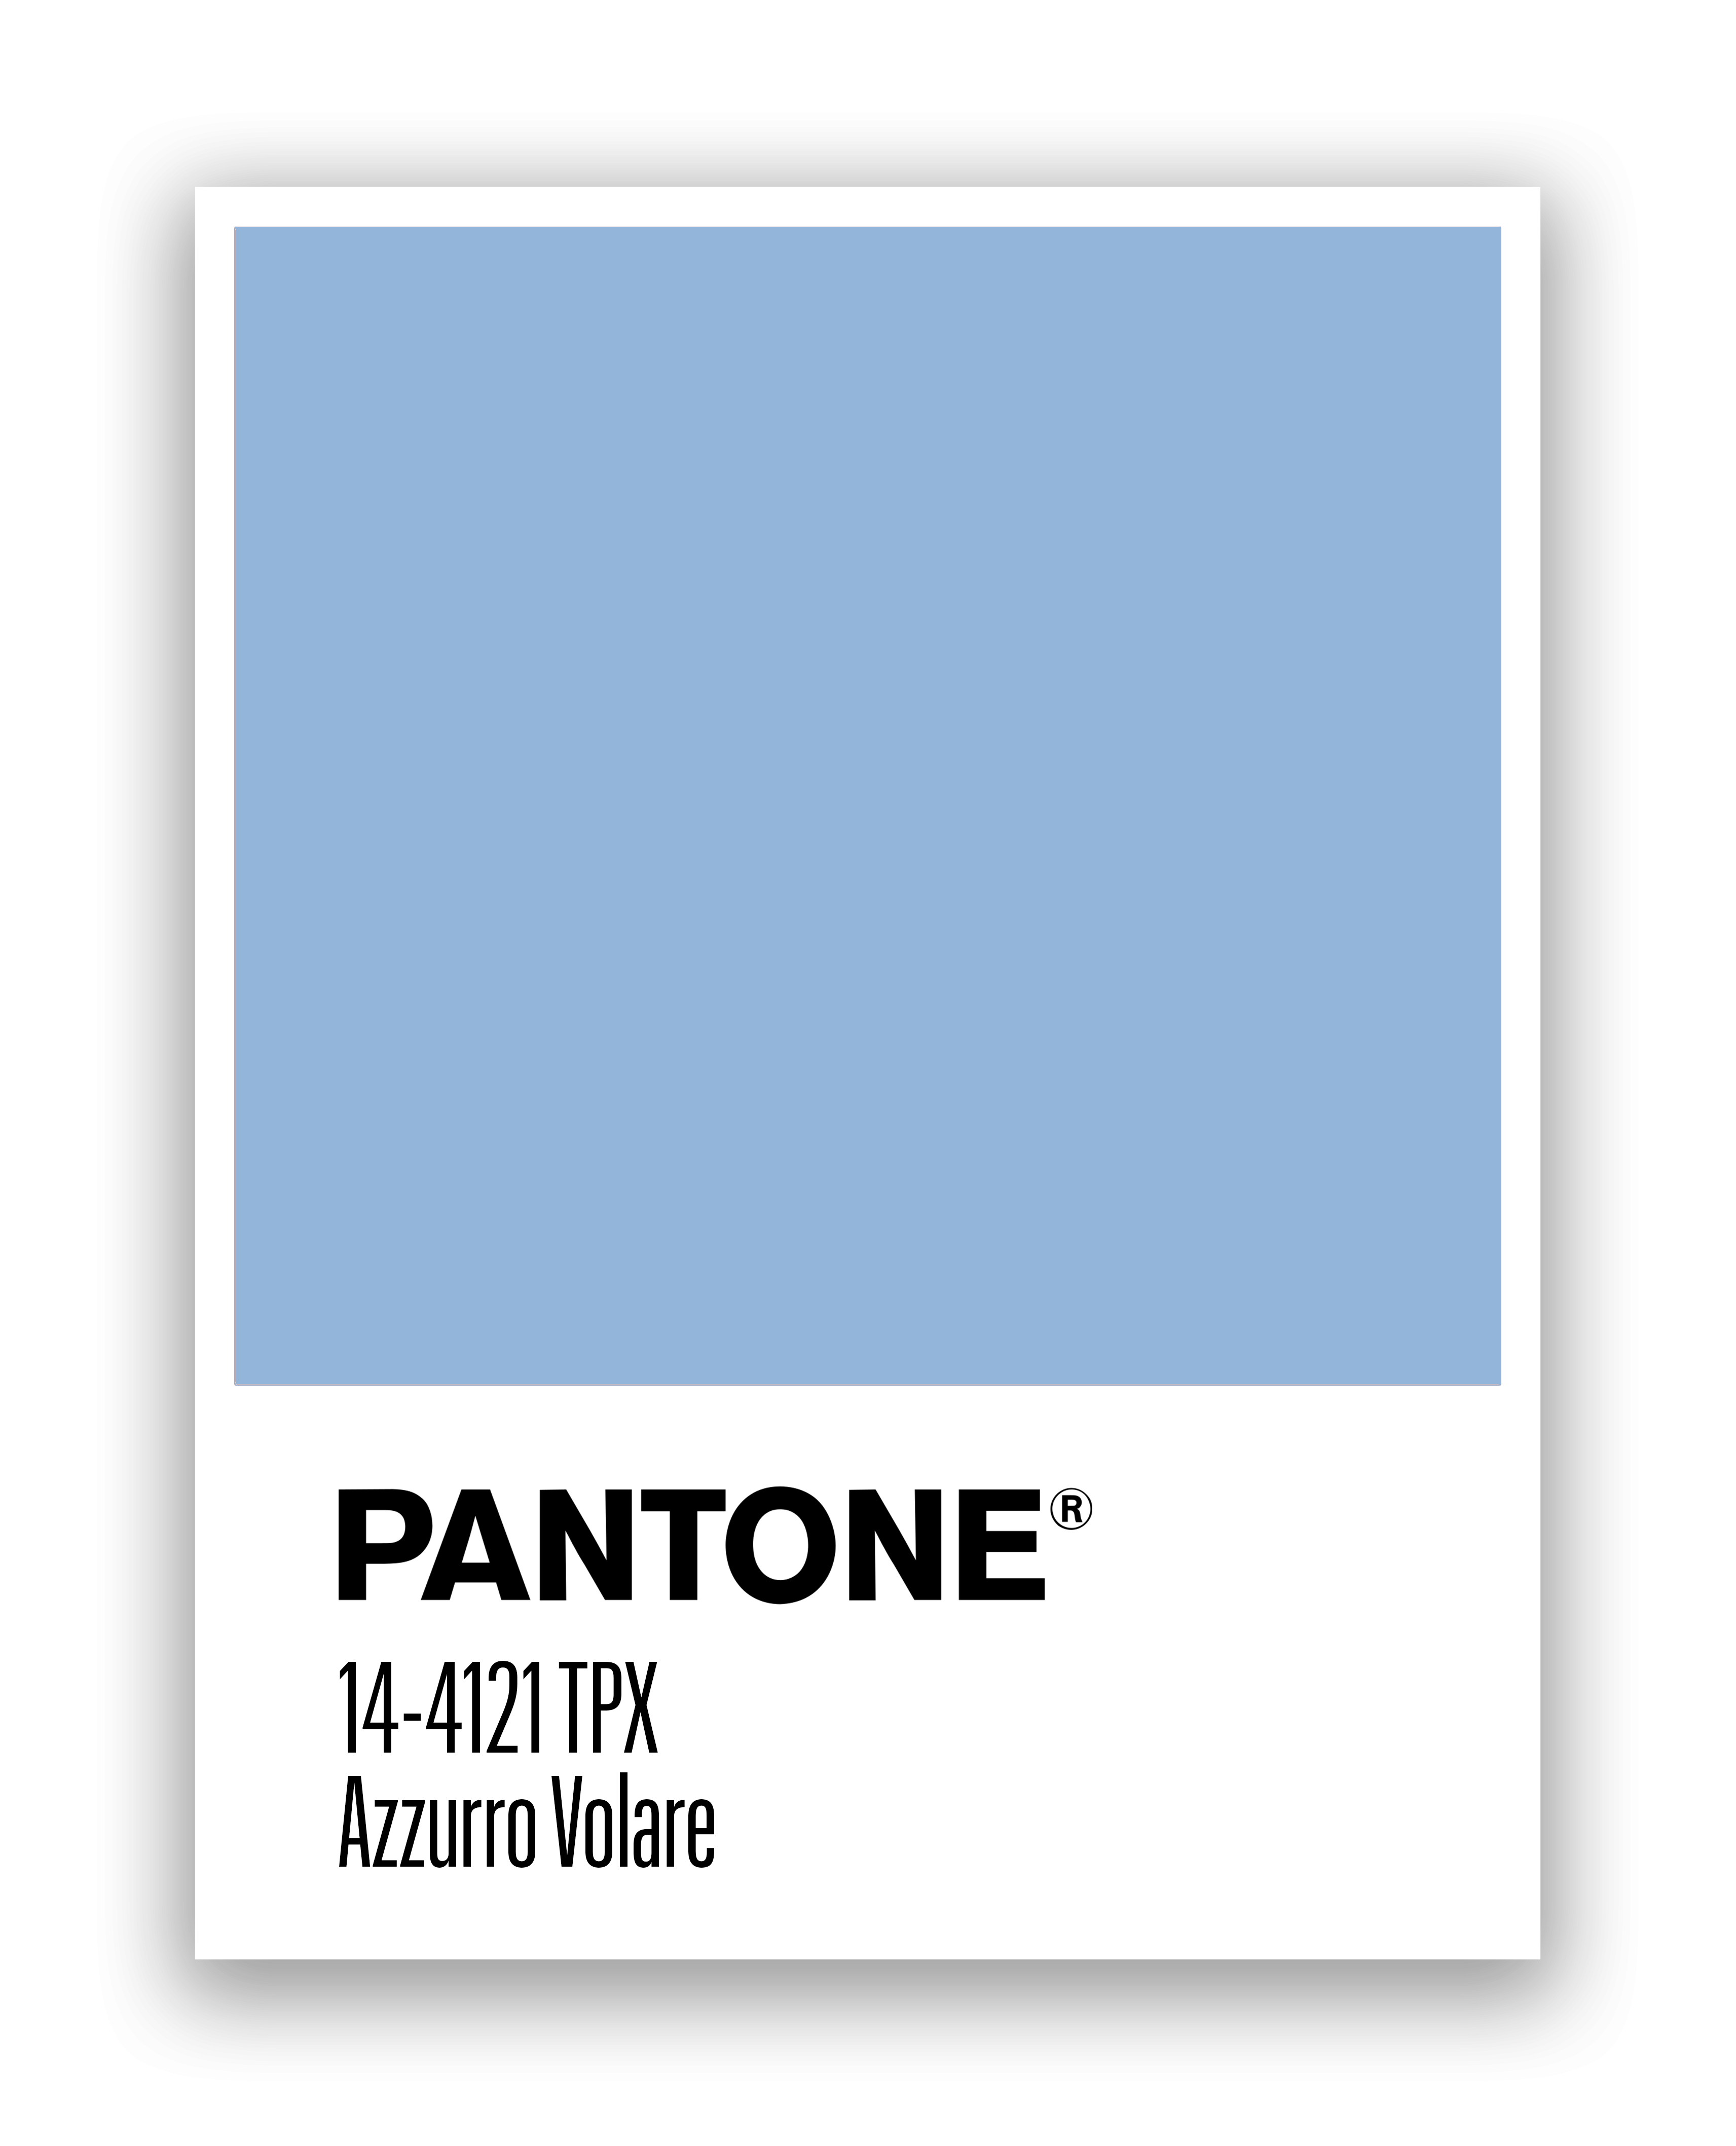 spiaggina_500_jolly_azzurro_volare_pantone